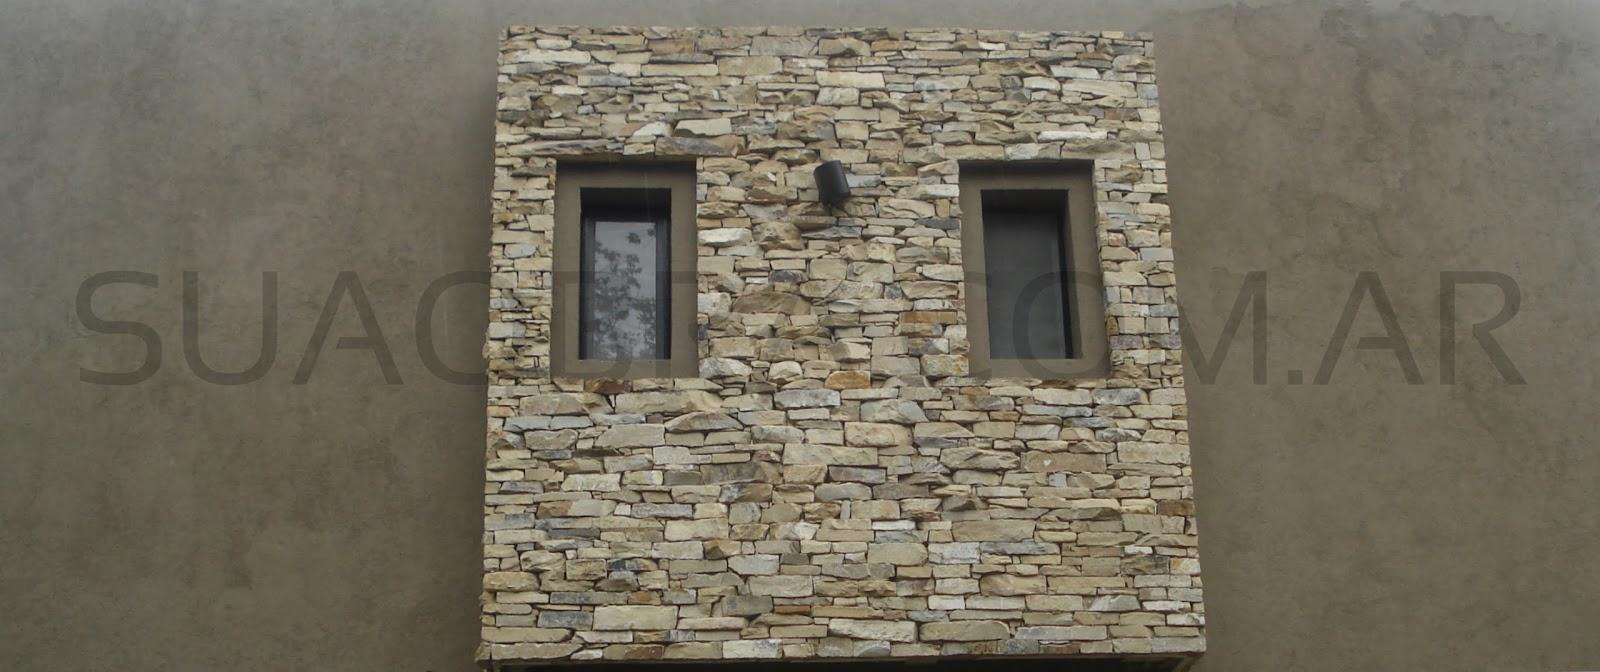 Combianci n de colores tarquini con piedra natural - Revestimientos piedra natural ...